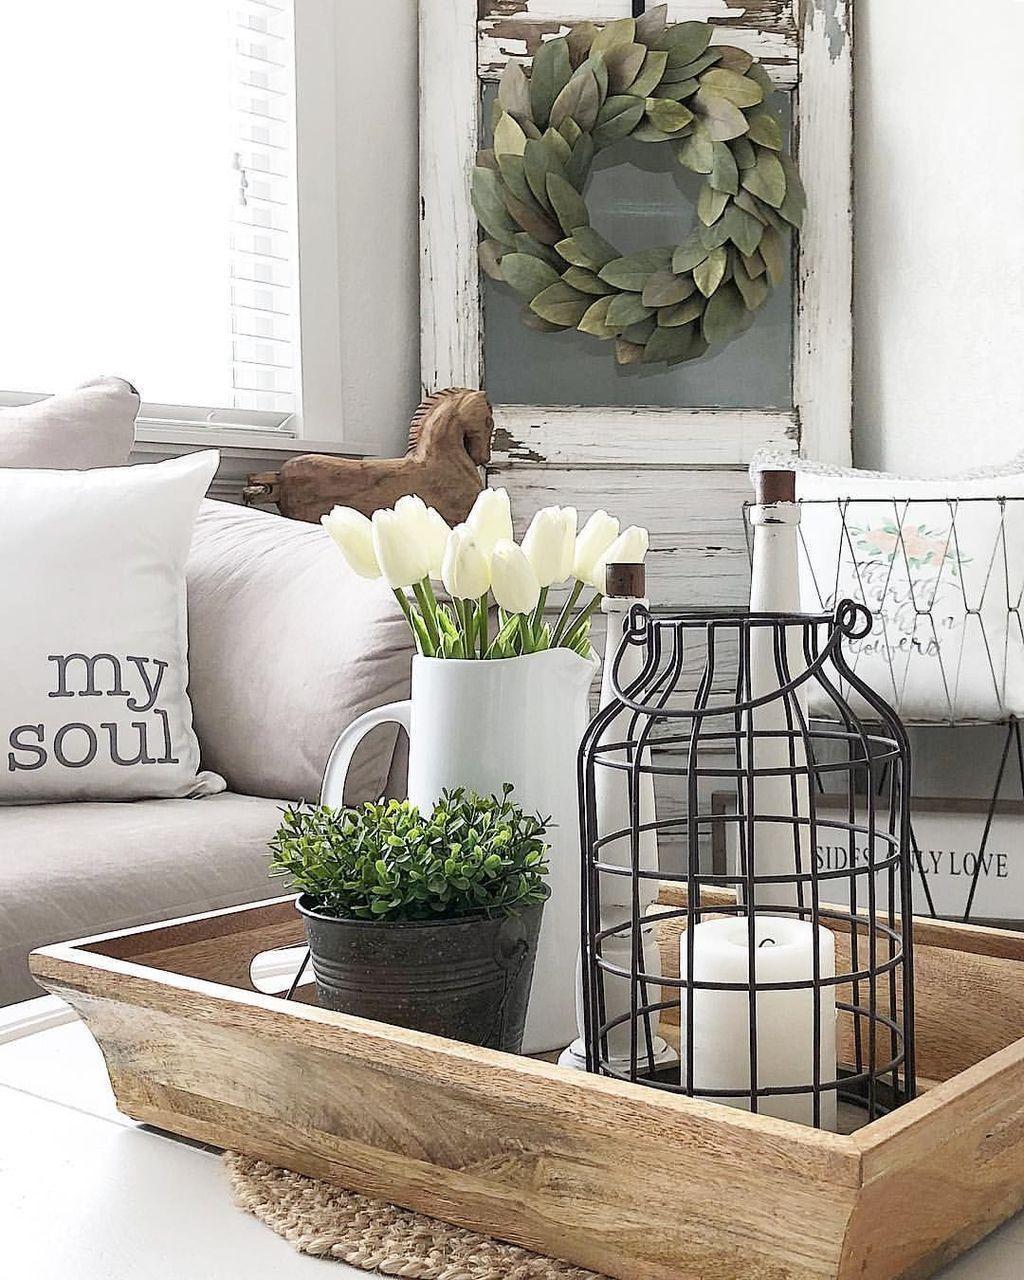 Safe Furniture Living Room Leather #homebasedbusiness #SmallLivingRoomFurniture  Safe Furniture Living Room Leather #homebasedbusiness #SmallLivingRoomFurniture  #Furniture #homebasedbusiness #Leather #living #room #safe #SmallLivingRoomFurniture